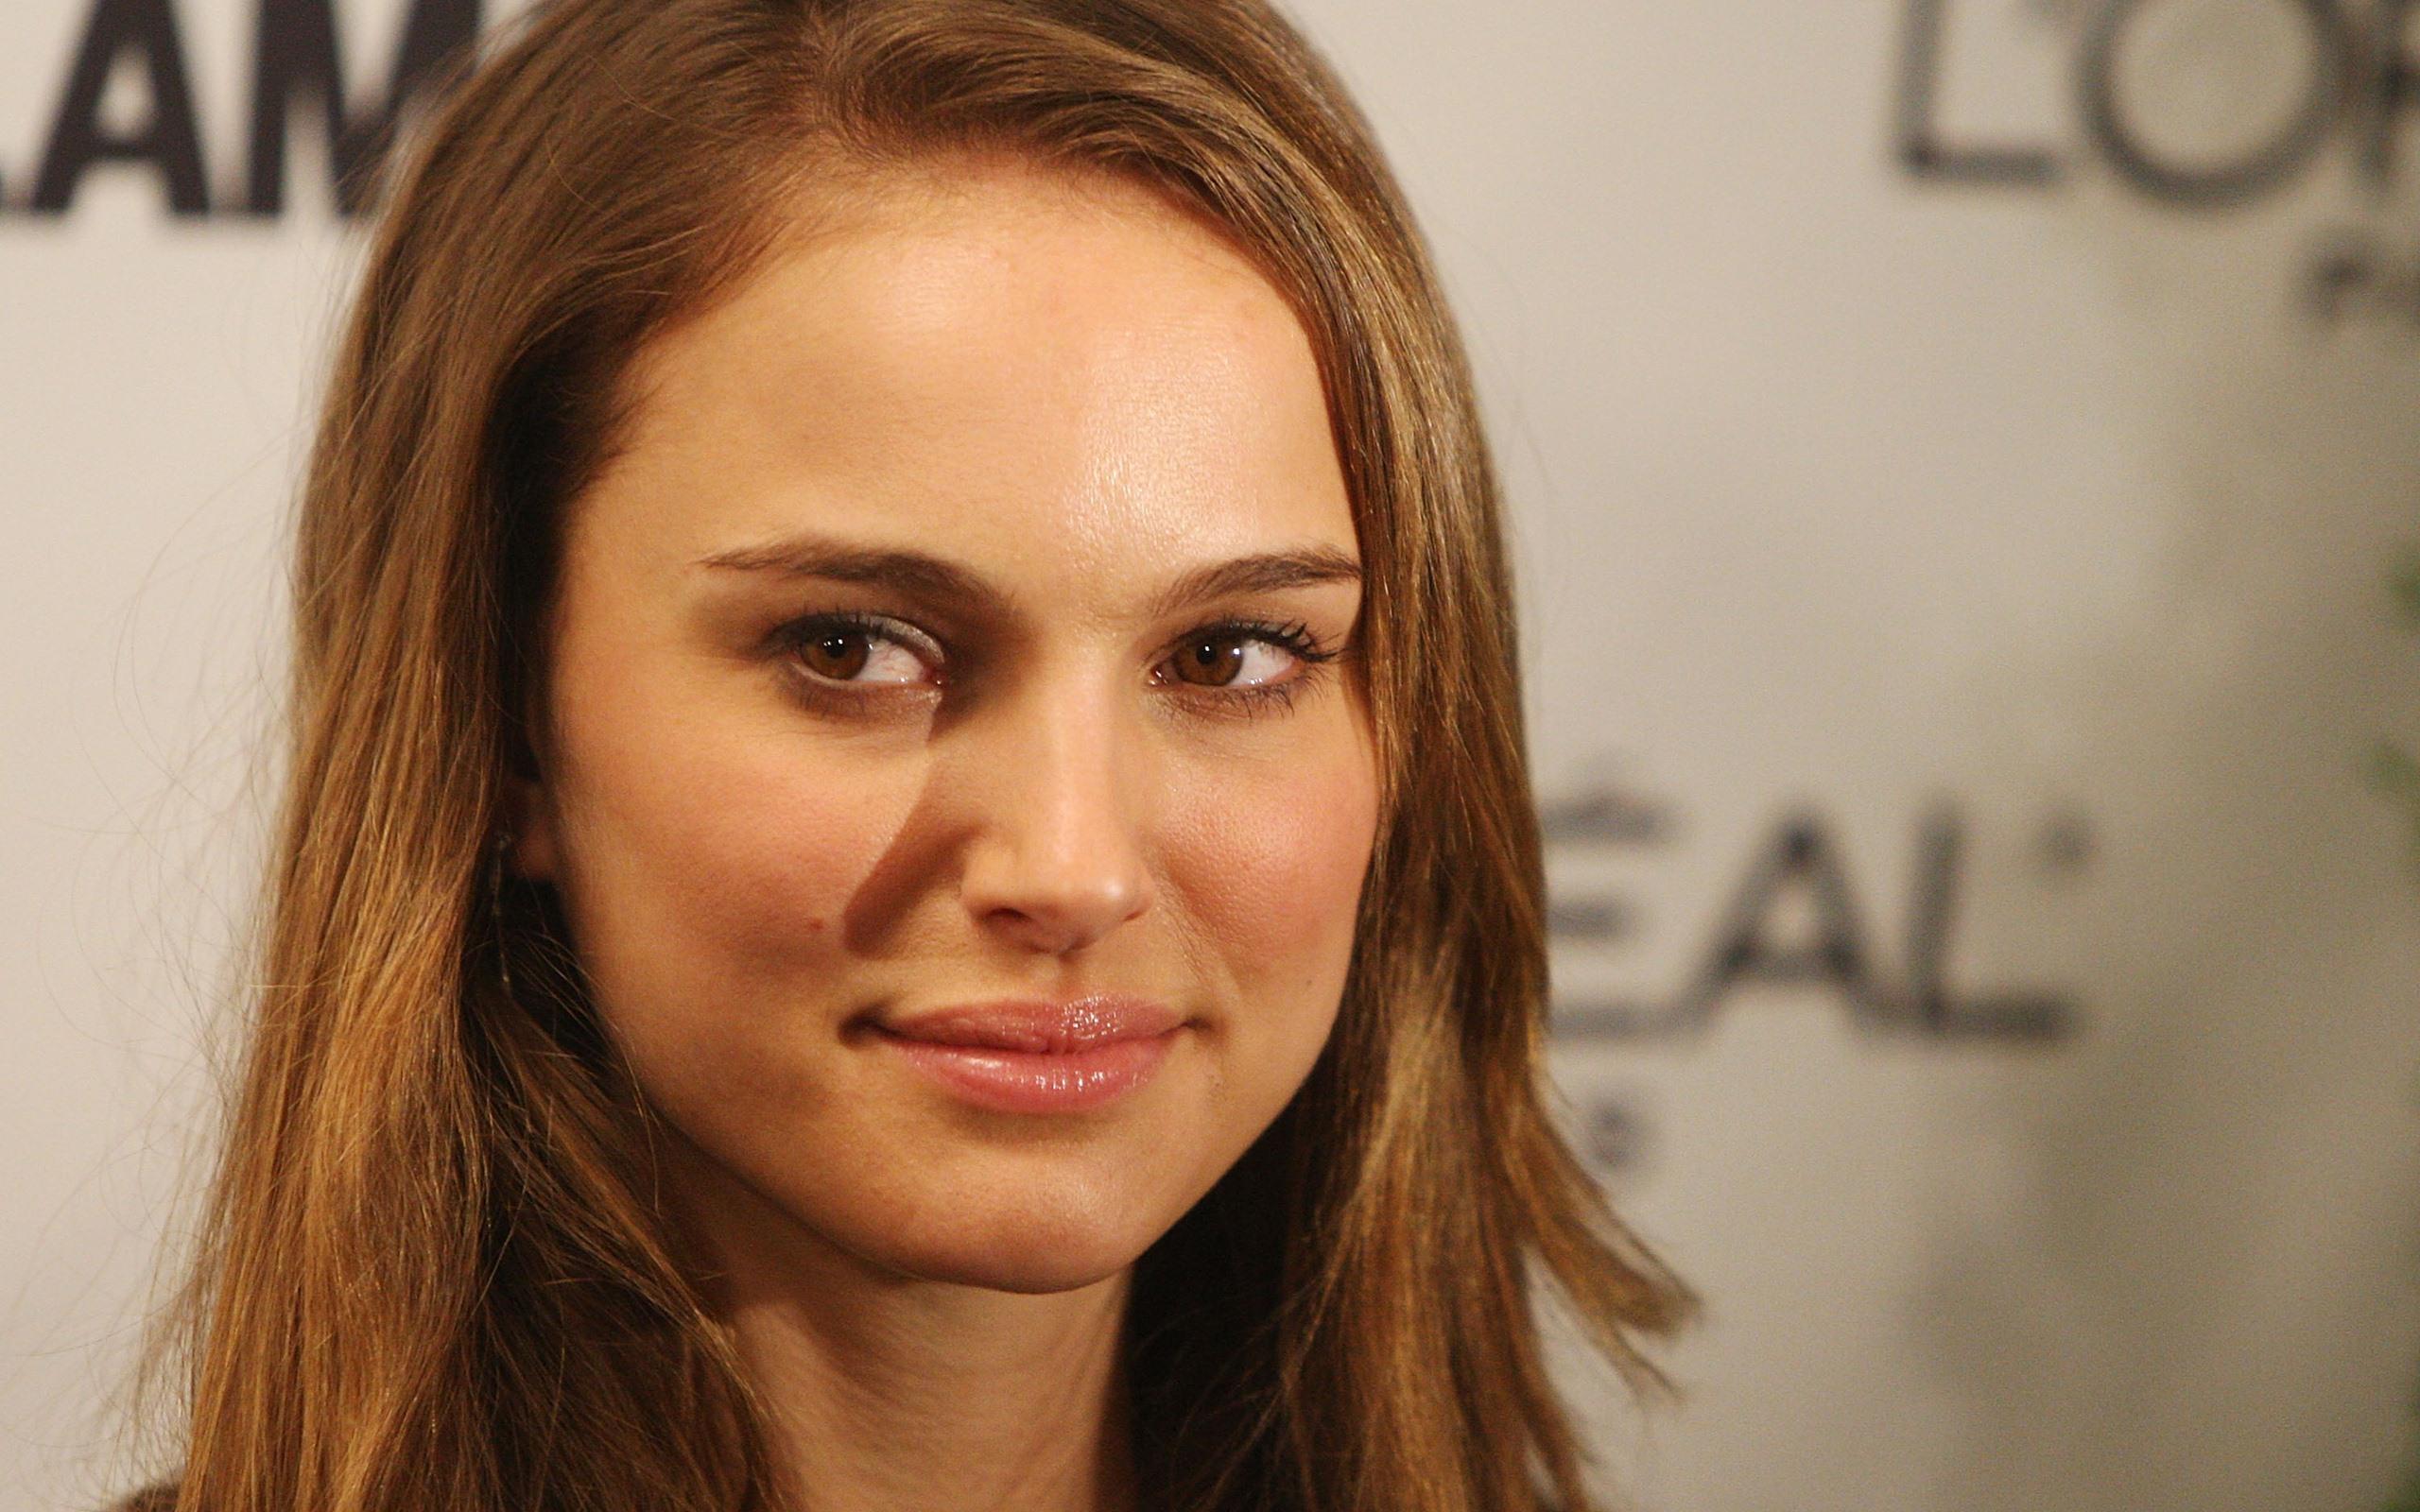 나탈리 포트만 아름다운 월페이퍼 #14 - 2560x1600 배경 화면 다운로드 - 나탈리 포트만 ... Natalie Portman